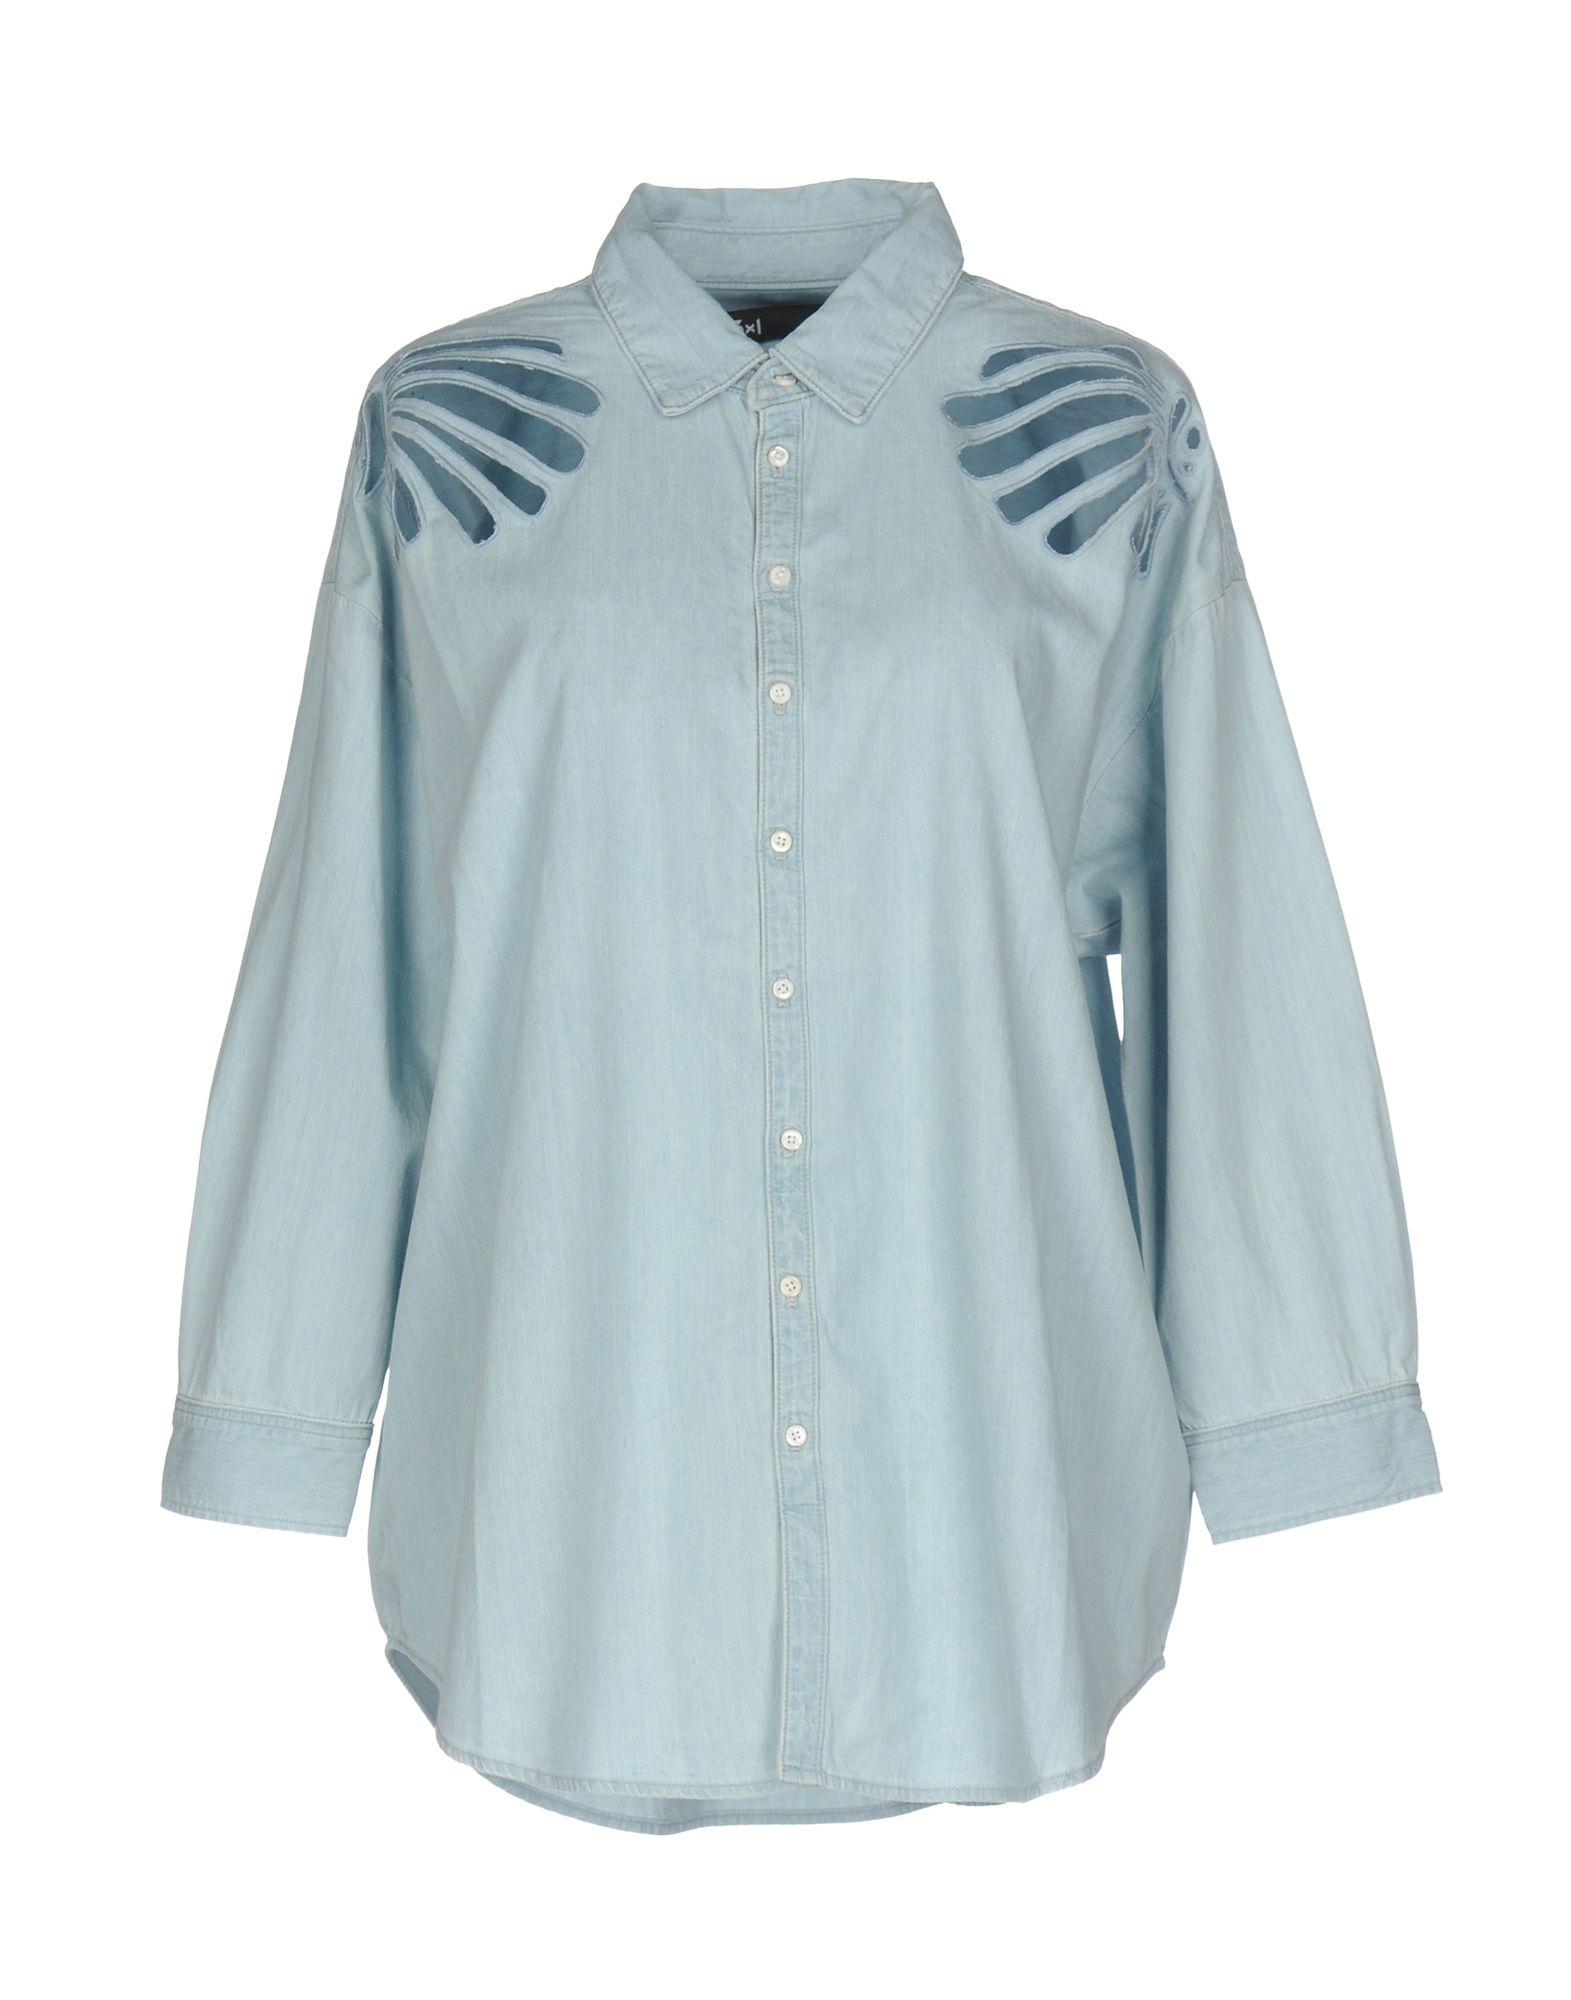 《送料無料》3x1 レディース デニムシャツ ブルー XS コットン 100%